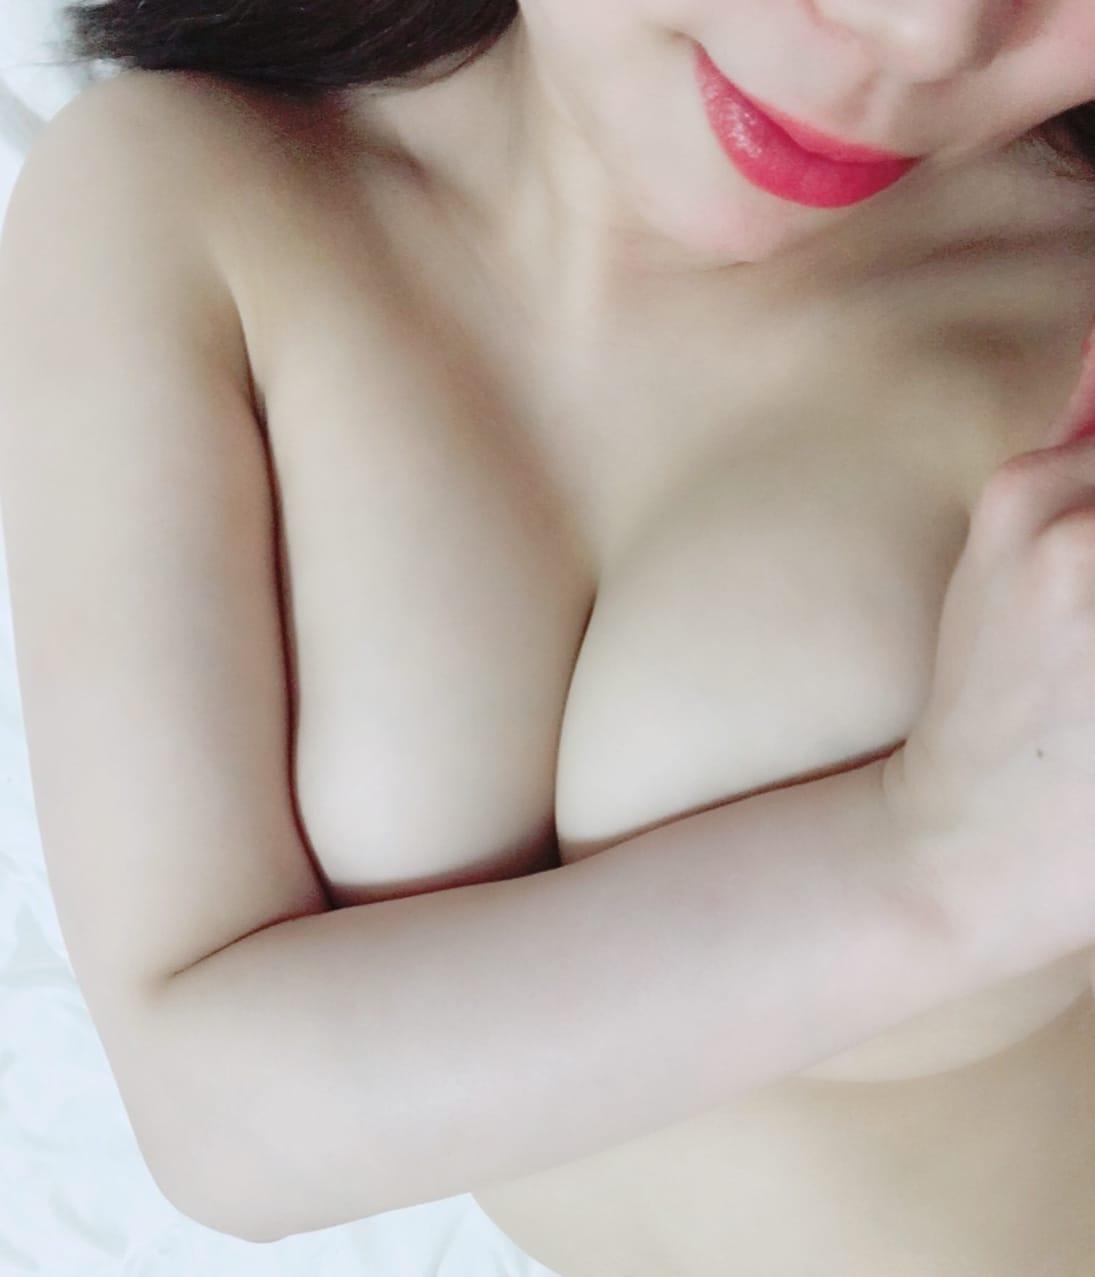 YUMI「ありがとうございました」04/22(日) 23:34 | YUMIの写メ・風俗動画